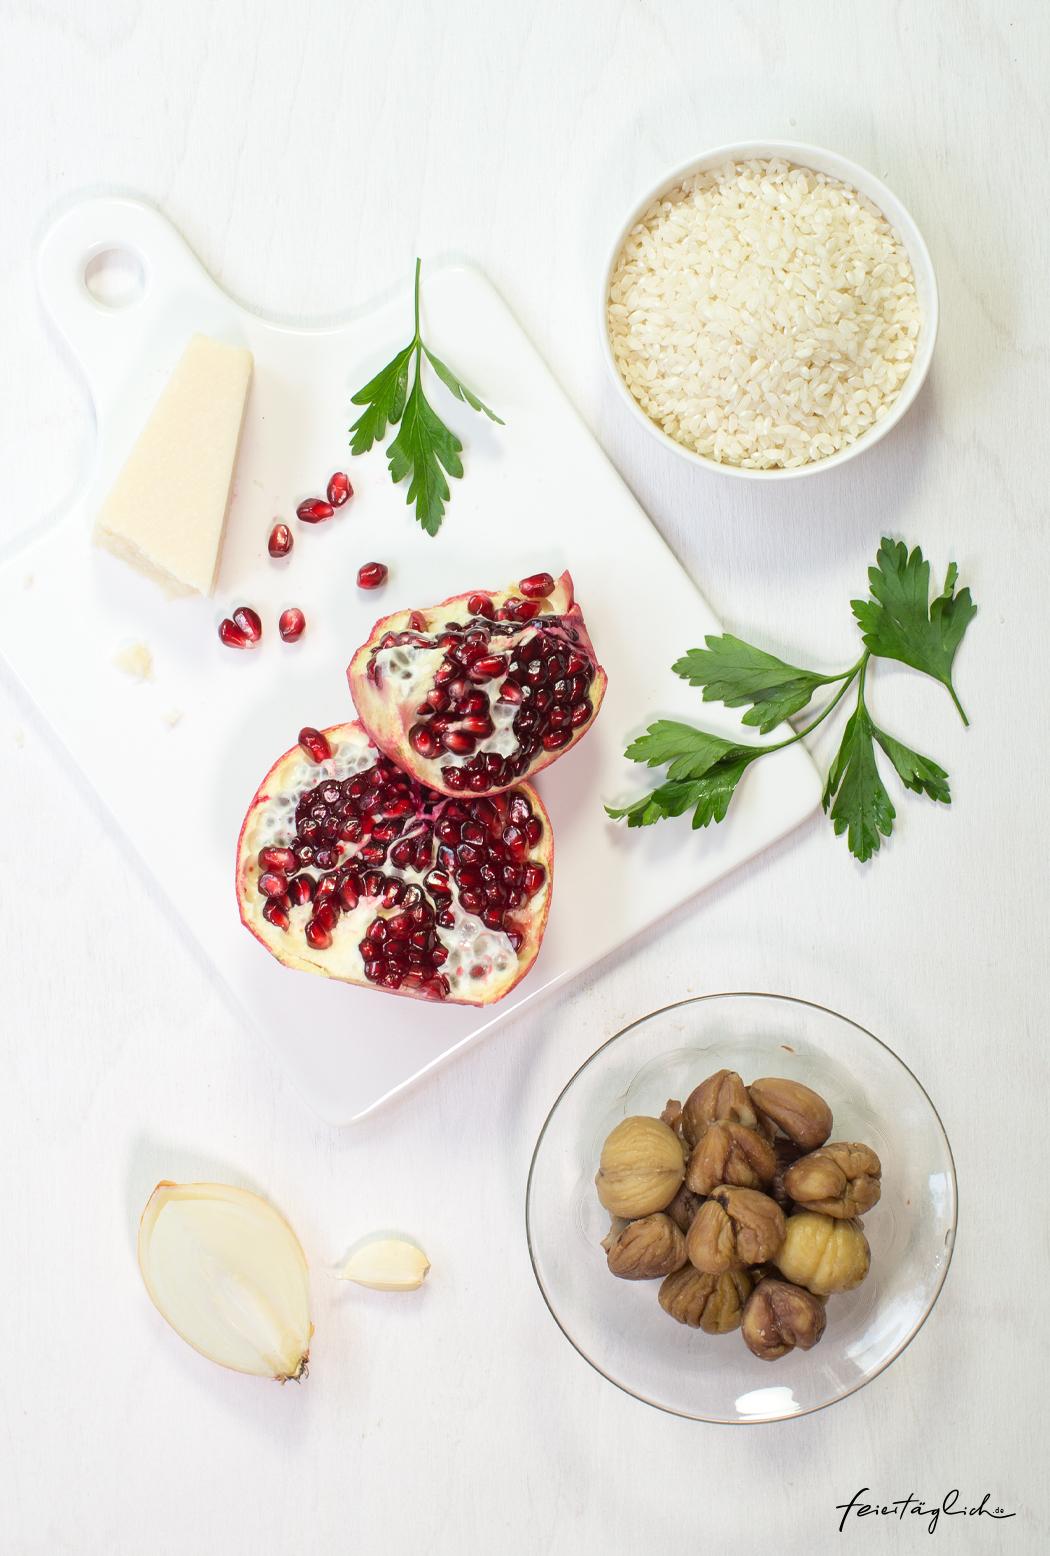 Maronen-Risotto mit Granatapfel und Petersilie, Zutaten